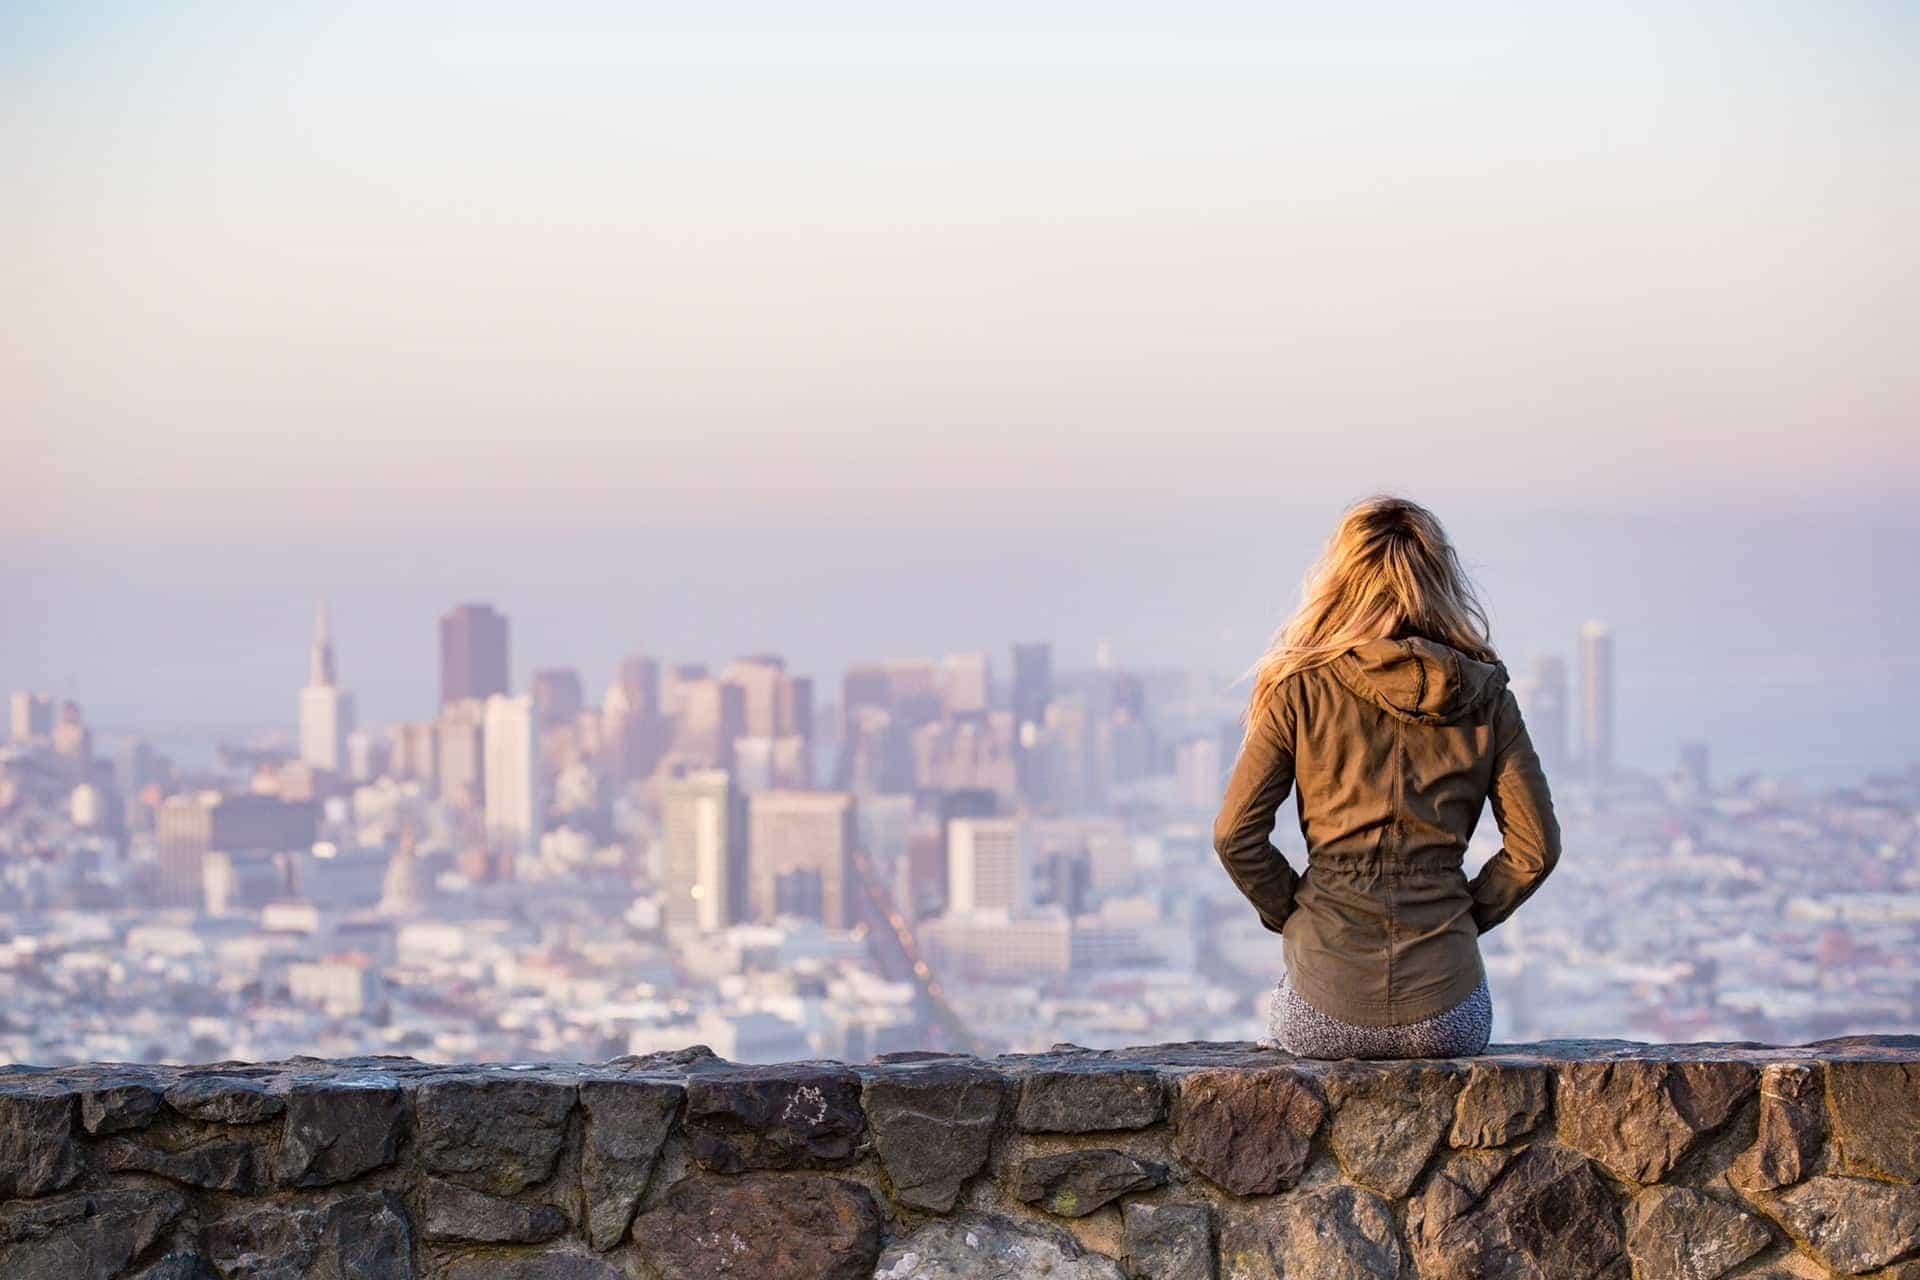 лучшее место для отдыха в Сан-Франциско рядом с Северным пляжем Где остановиться в Сан-Франциско Где остановиться в Сан-Франциско – путеводитель по лучшим местам pexels photo 196667